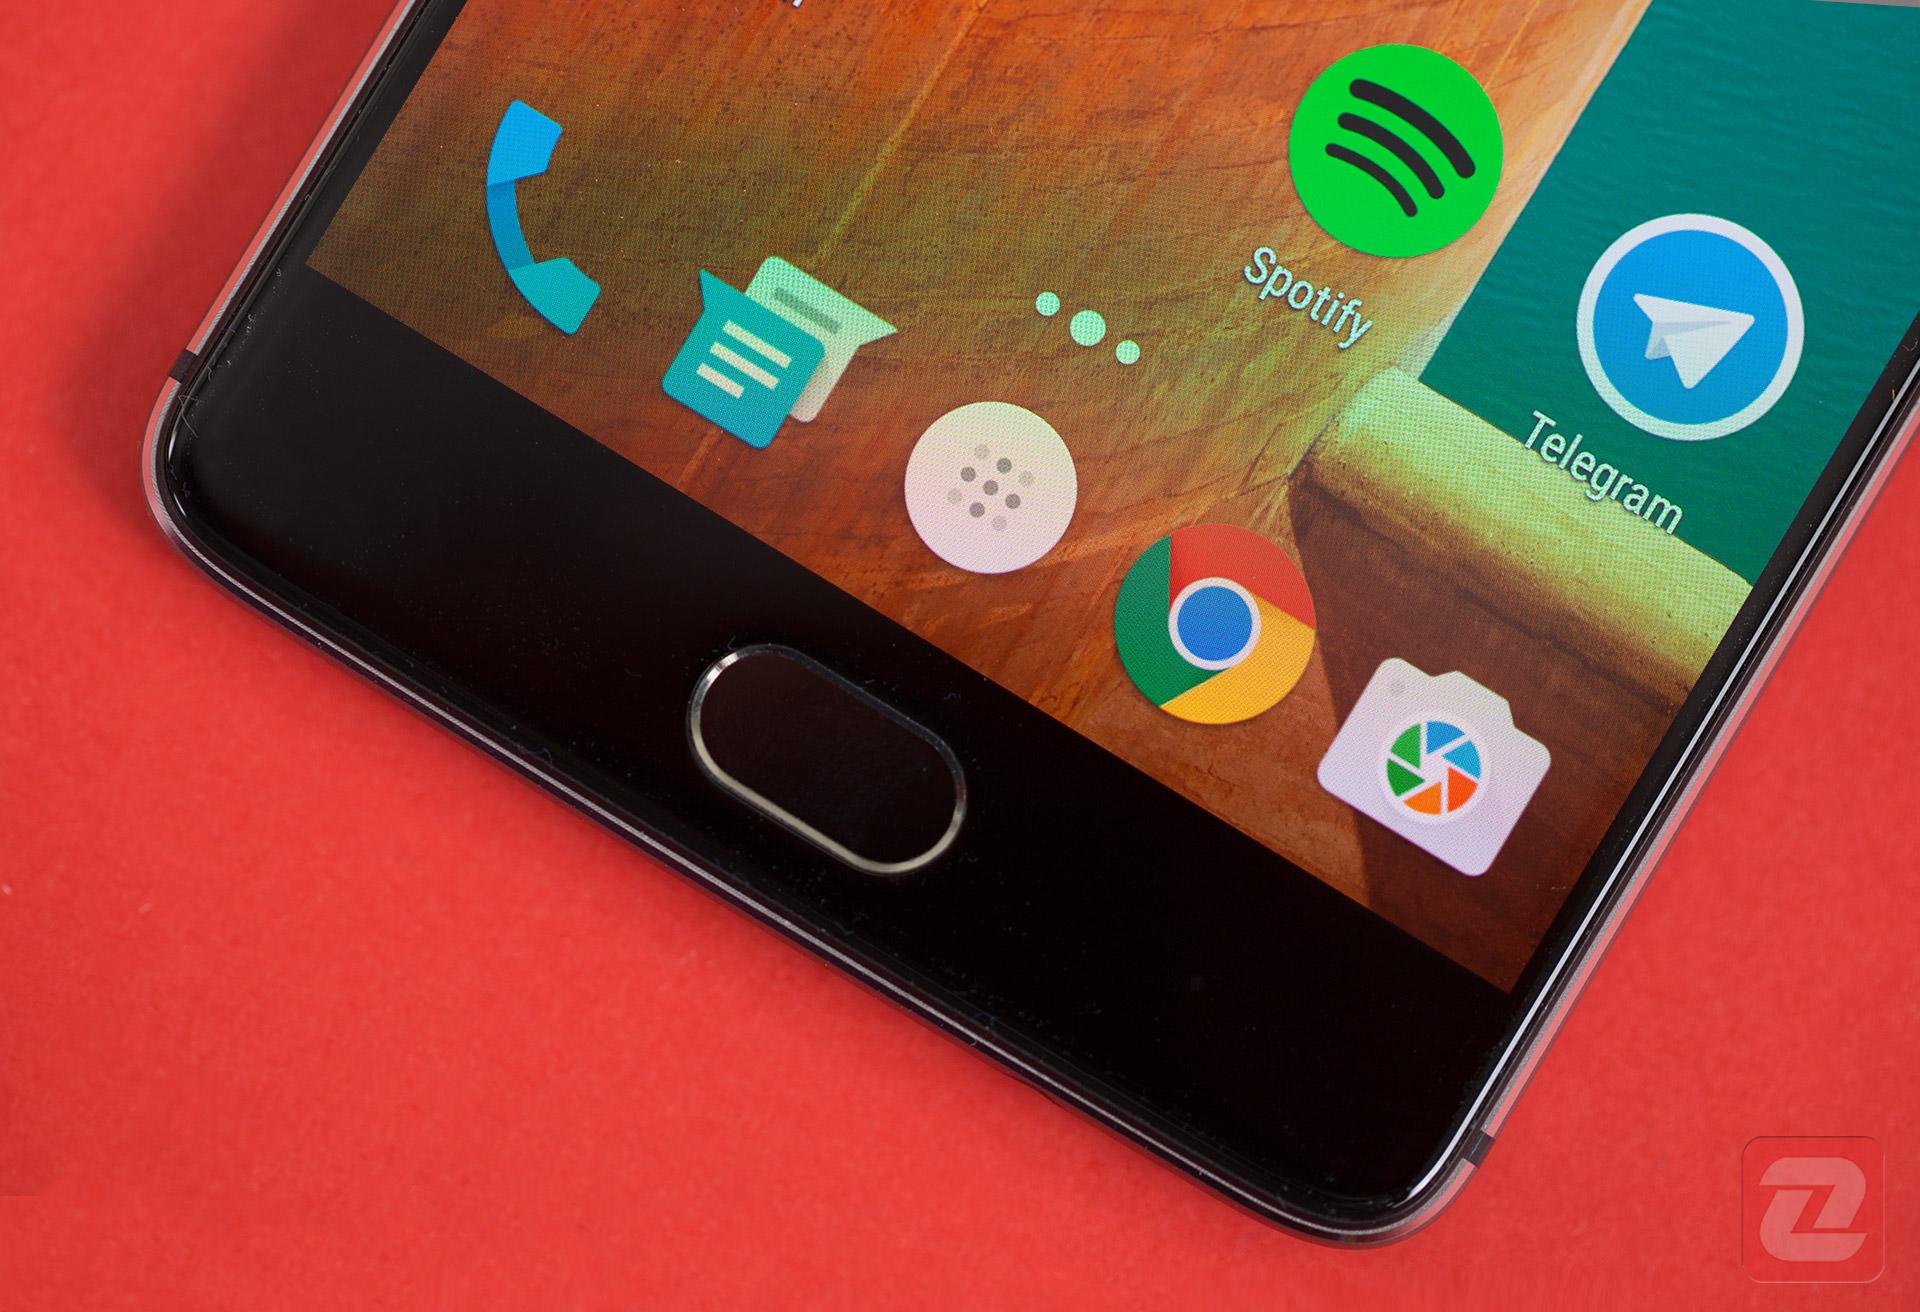 OnePlus 3- Fingerprint